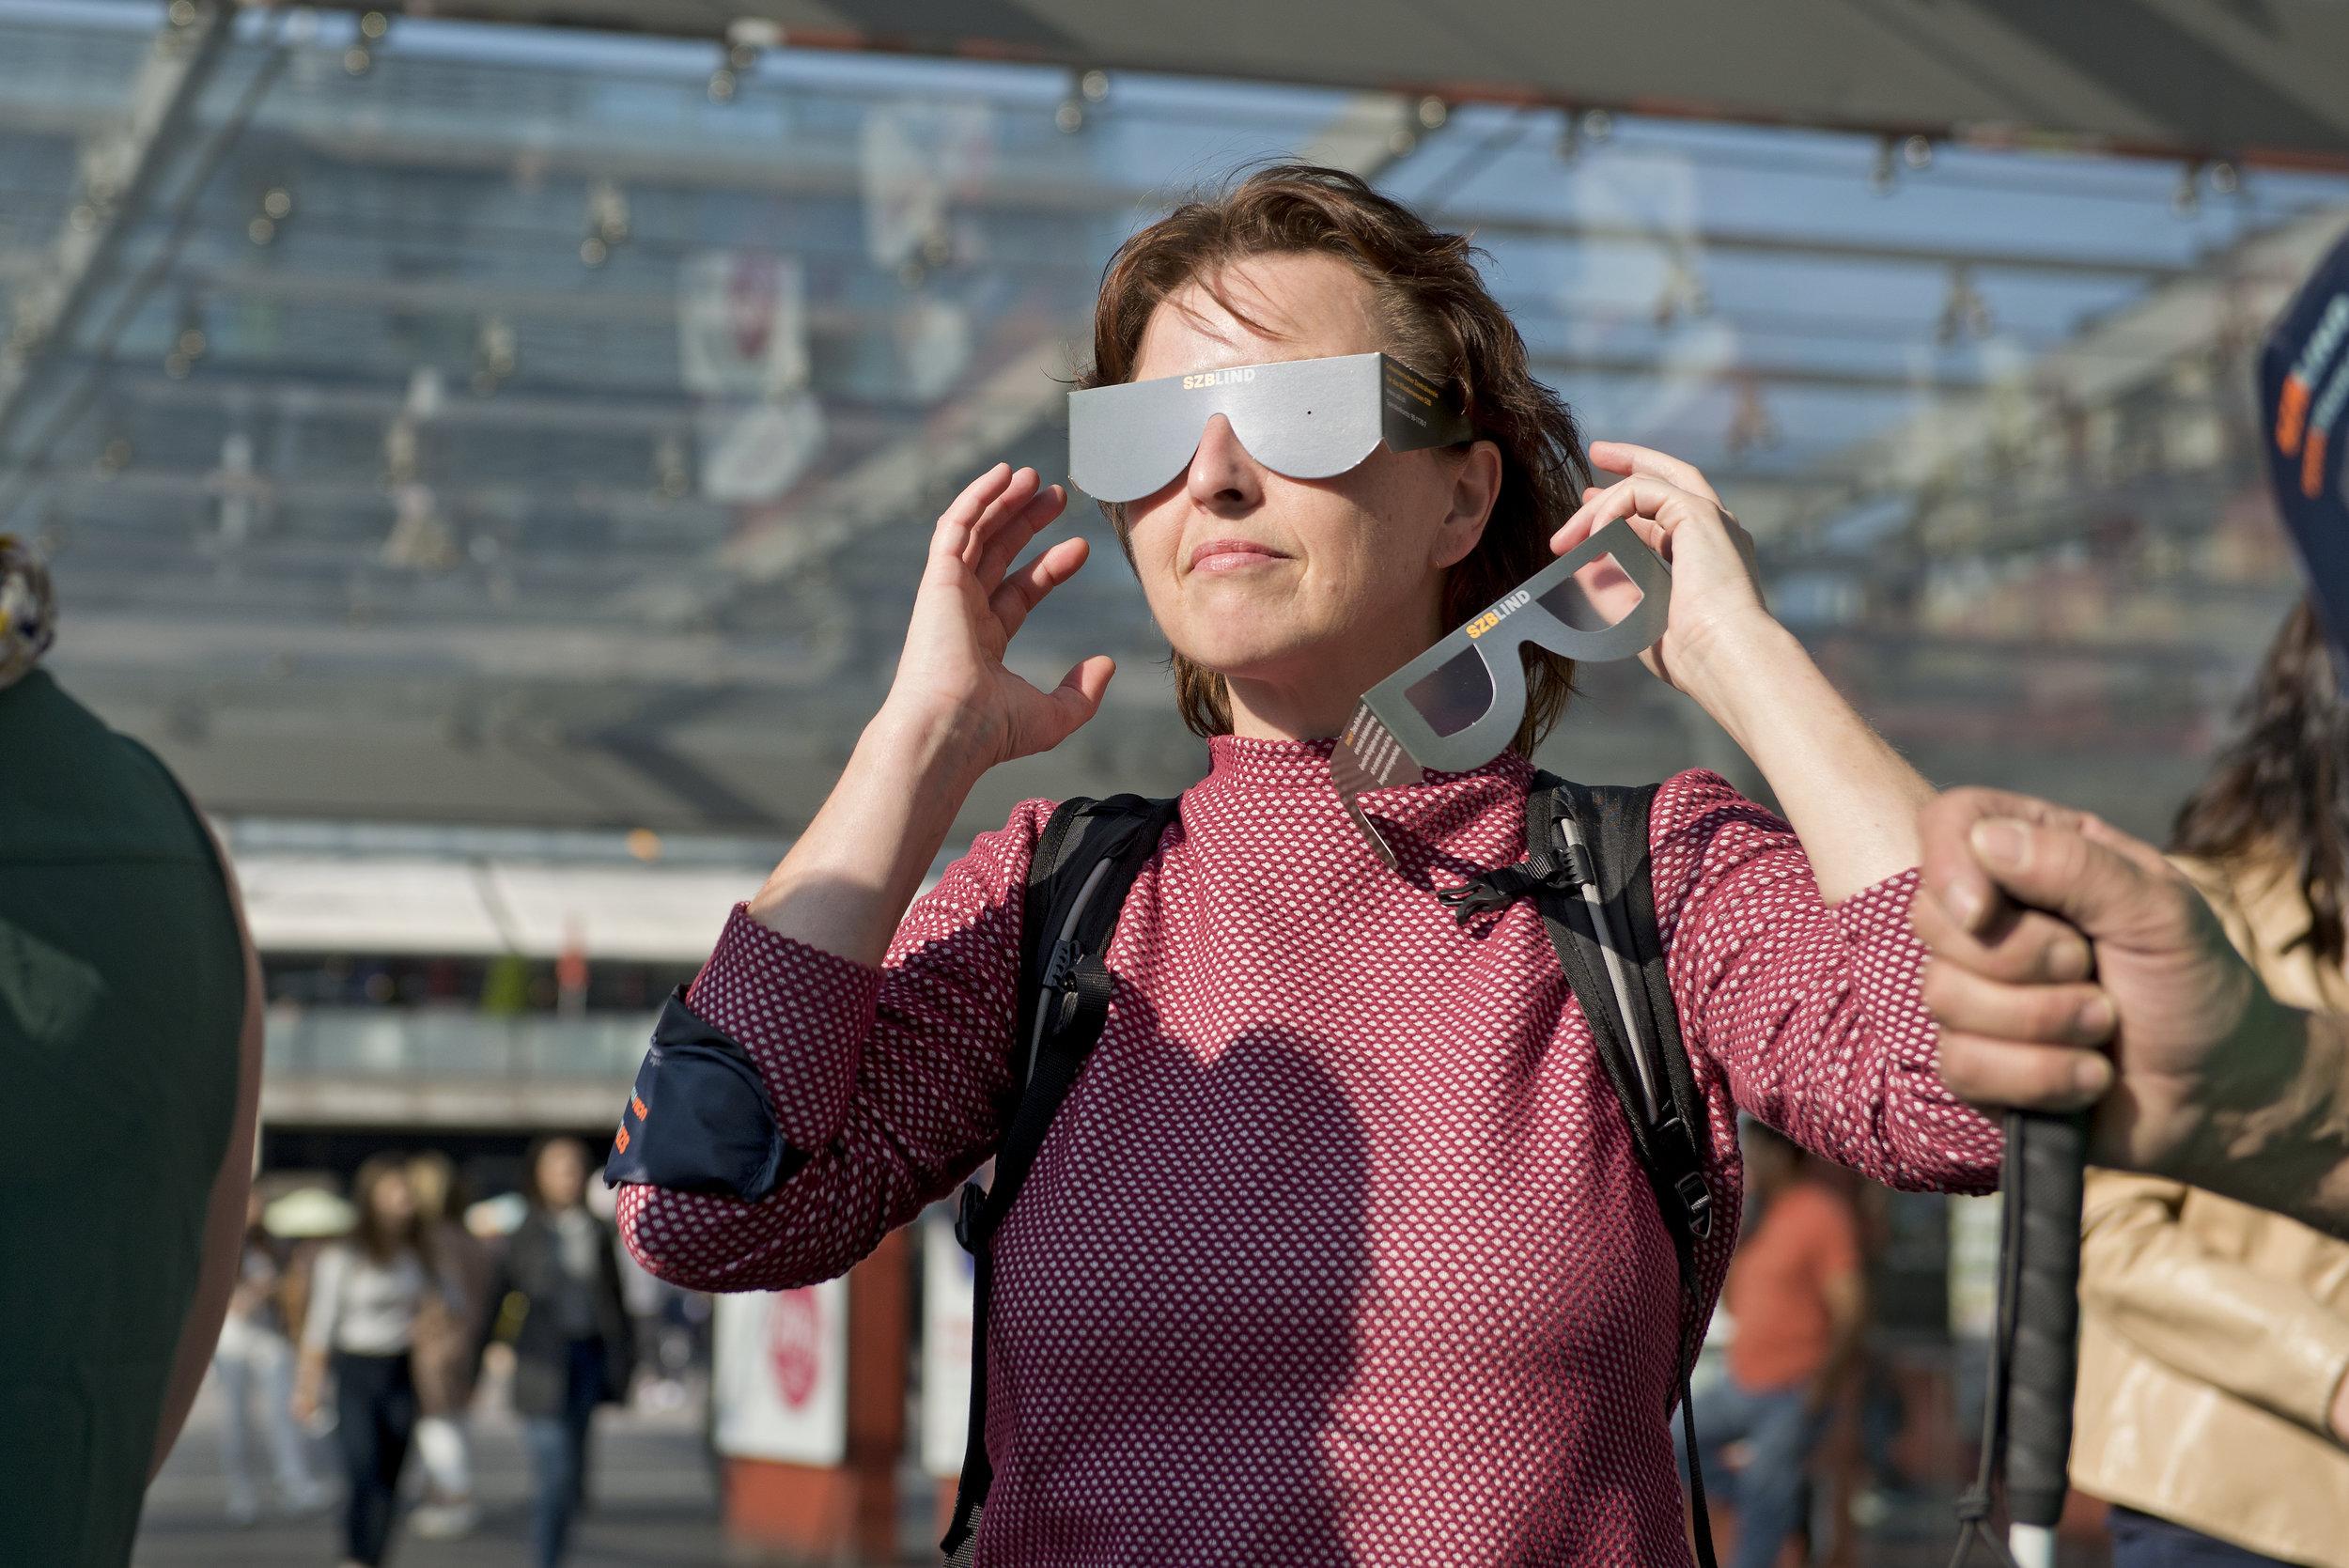 Eine Frau mit Simulationsbrille versucht, in der Ferne etwas zu erkennen.